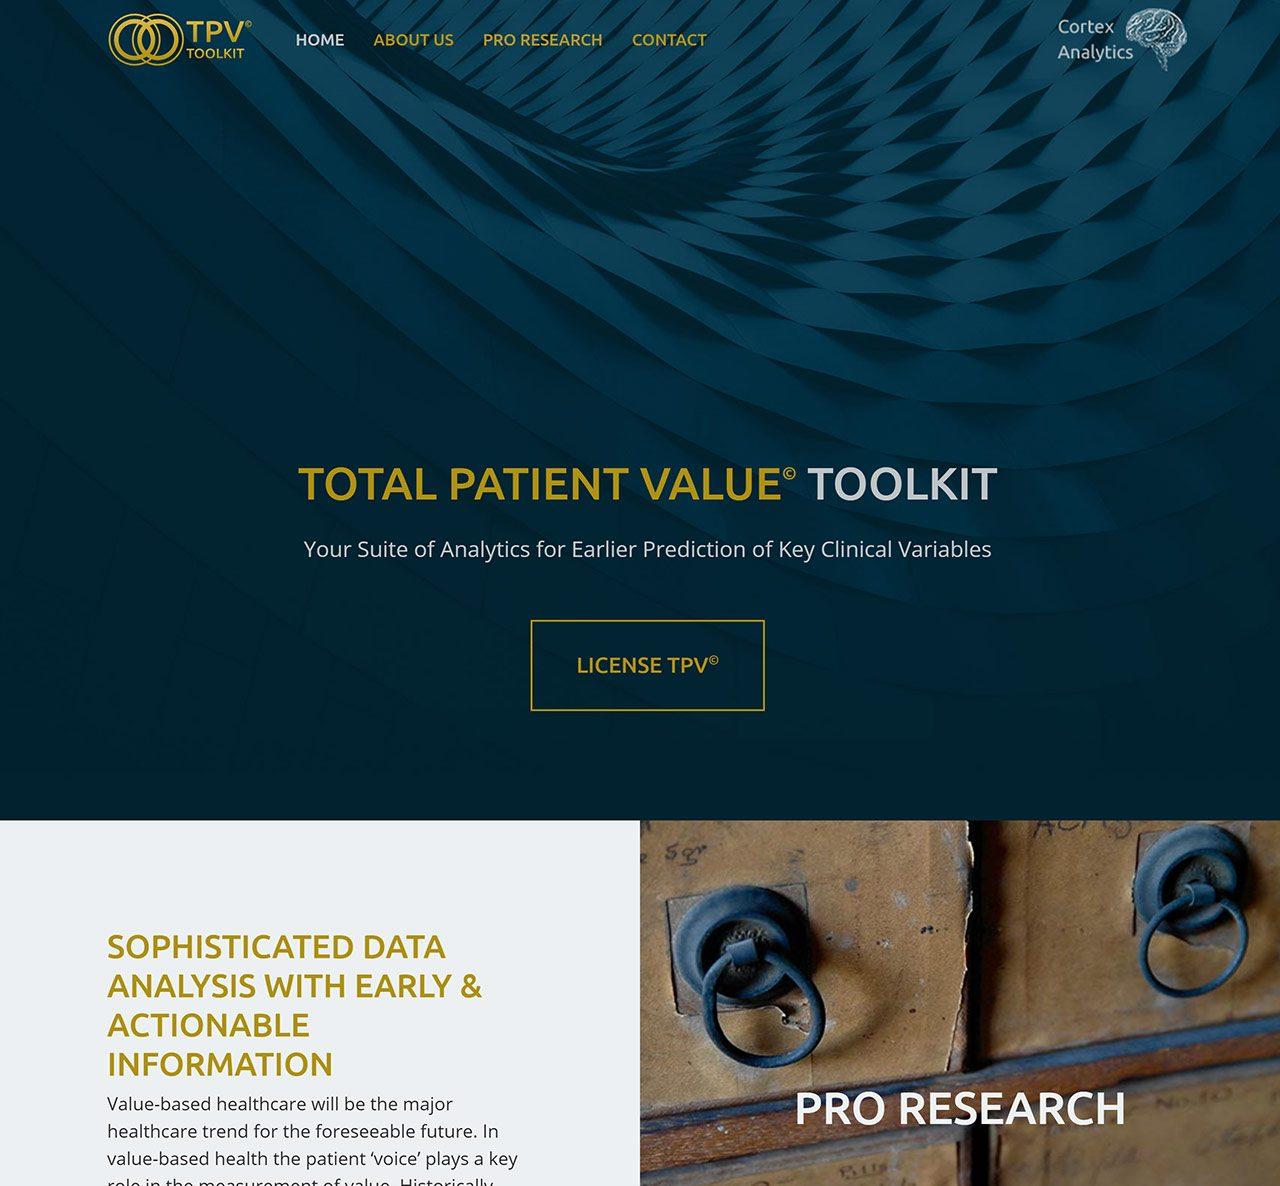 Cortex Analytics Homepage